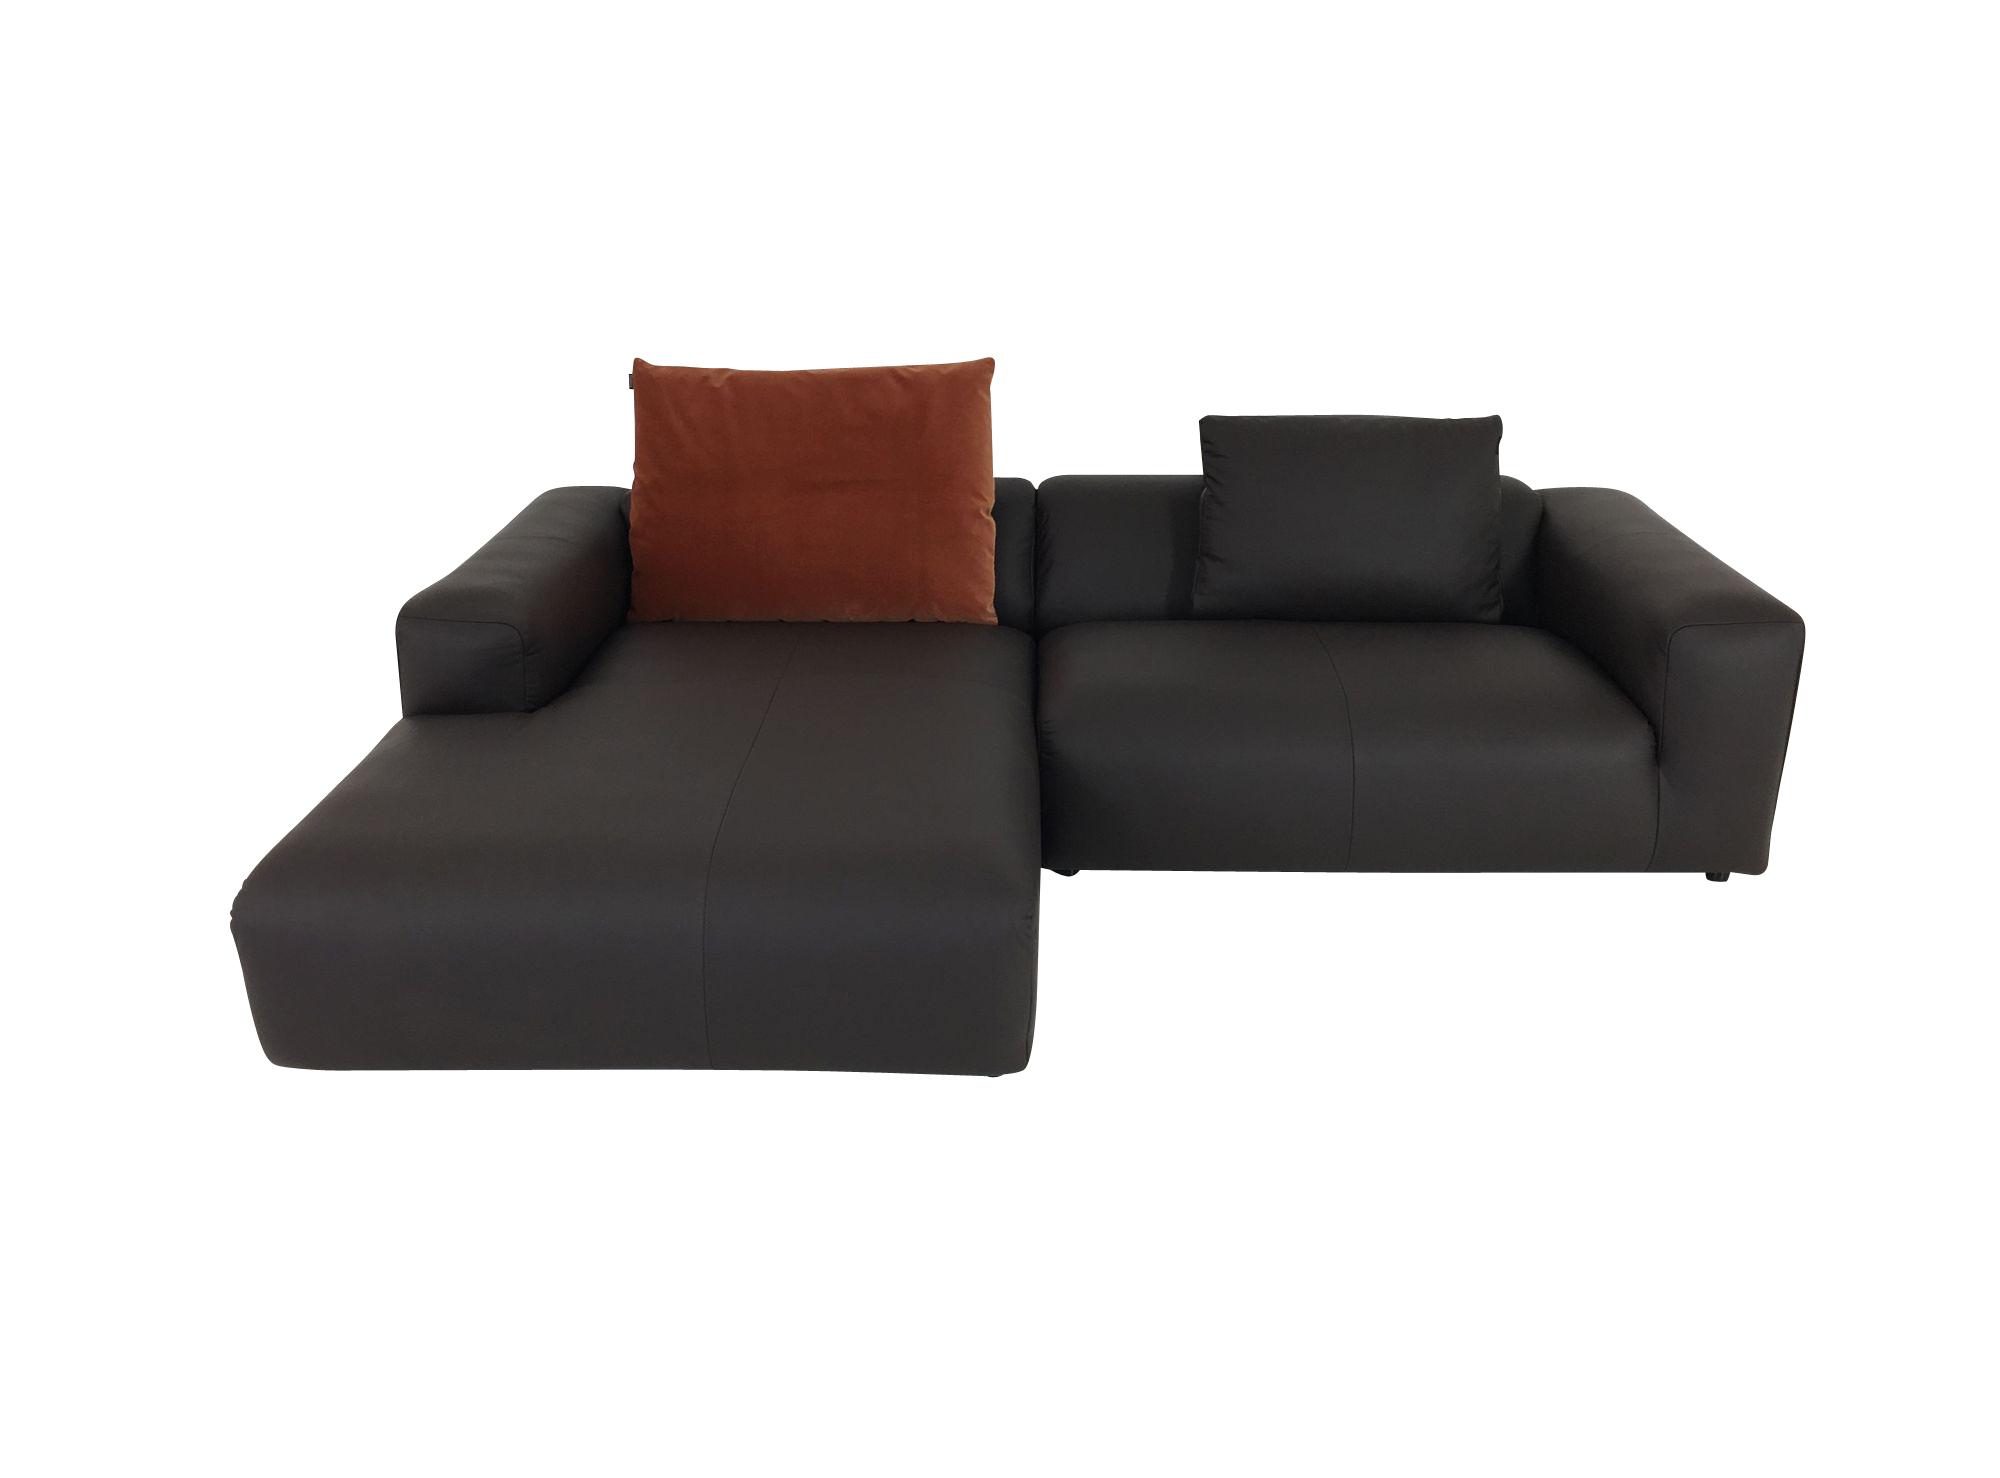 Full Size of Recamiere Samt Freistil 187 Rolf Benz Sofa Mit In Leder Dunkelbraun Mut Wohnzimmer Recamiere Samt